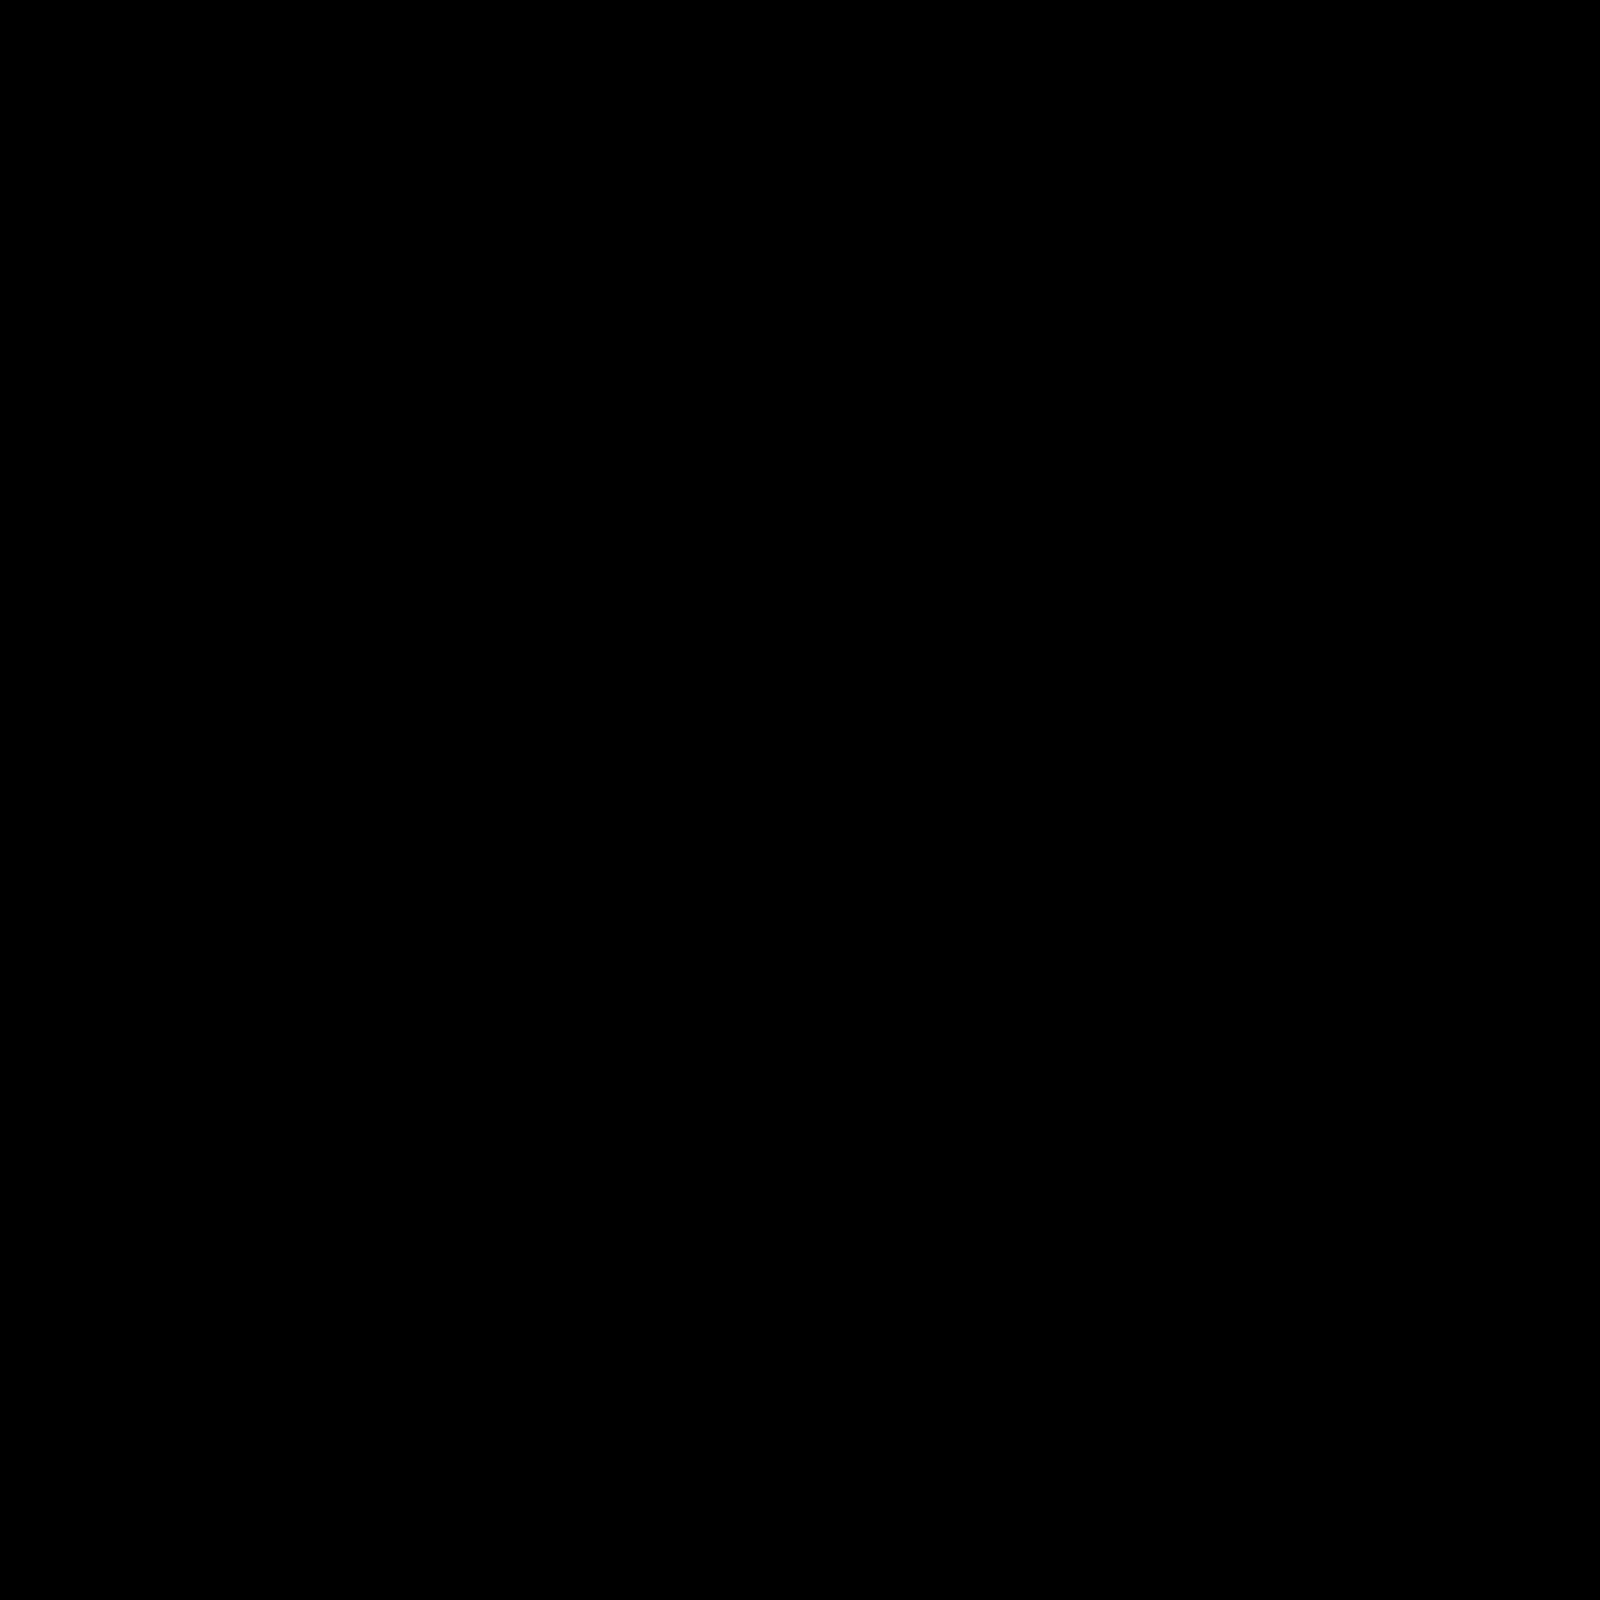 Zakreślone S icon